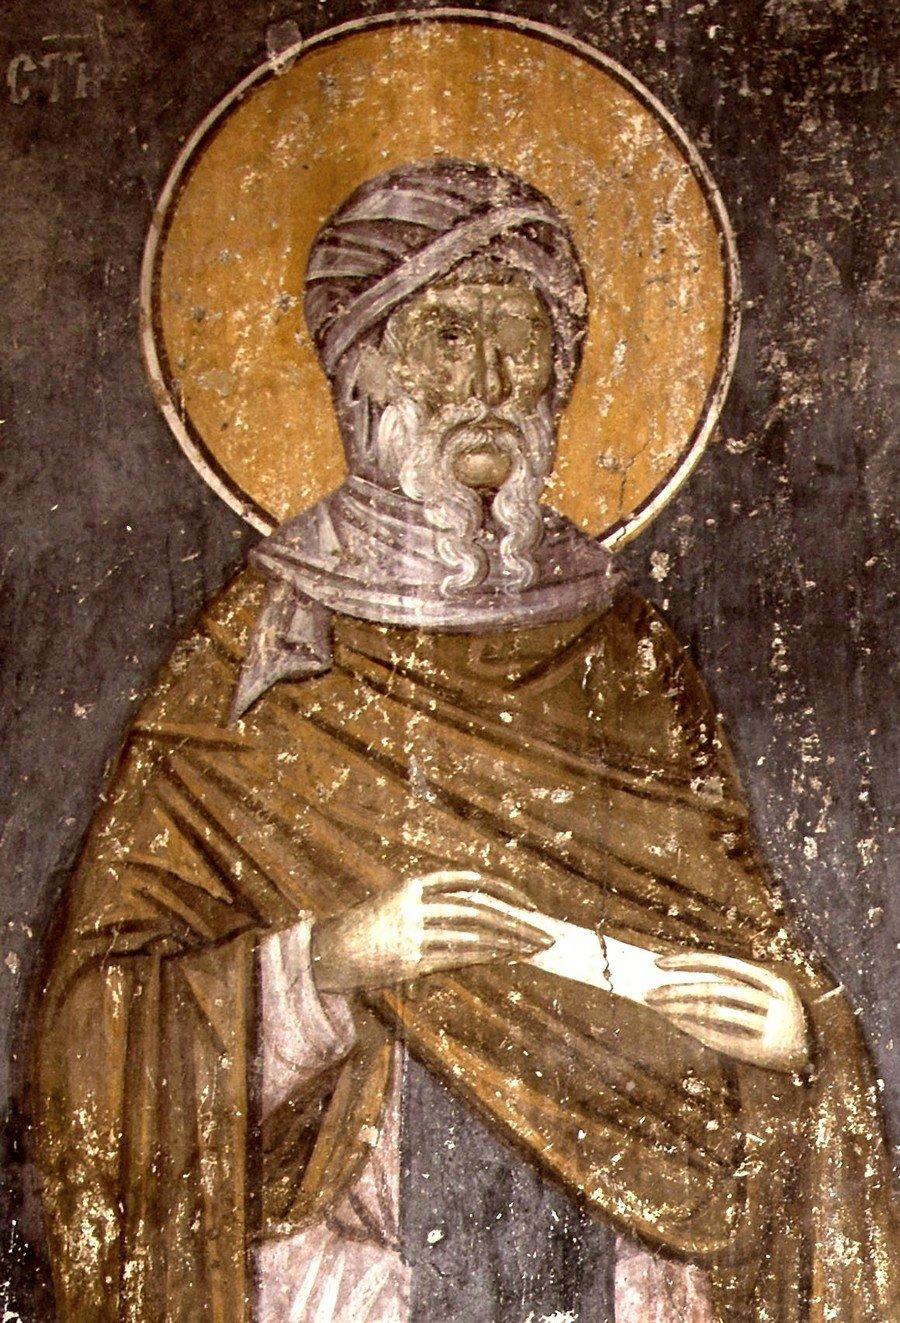 Святой Преподобный Антоний Великий. Фреска монастыря Грачаница, Косово и Метохия, Сербия. Около 1320 года.